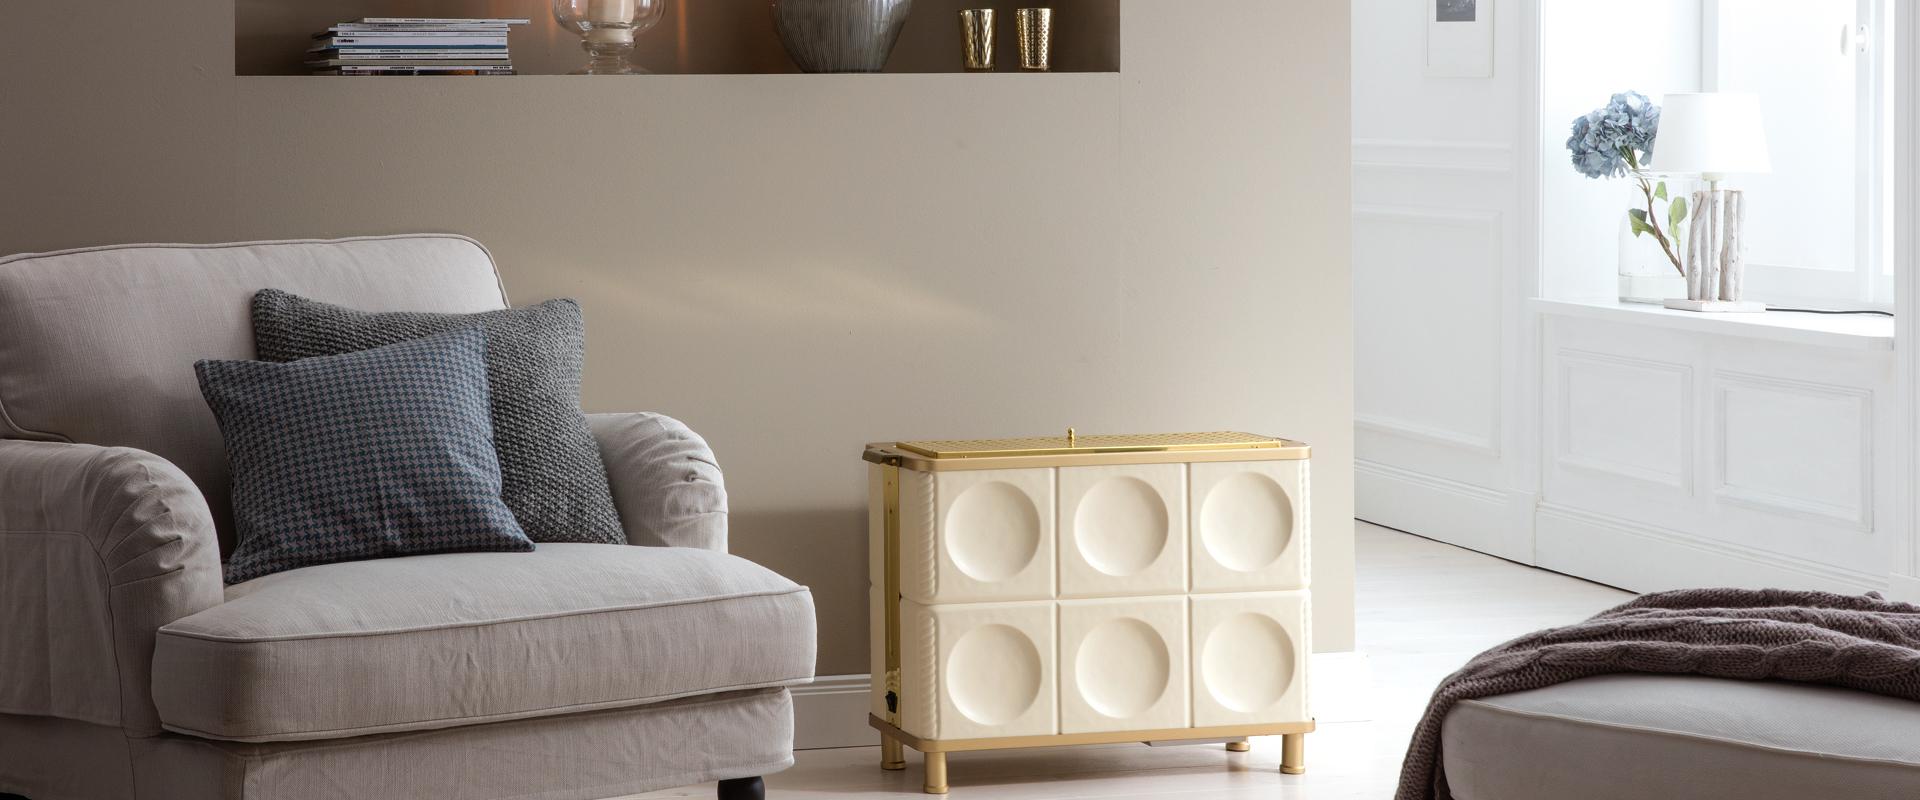 elektroofen. Black Bedroom Furniture Sets. Home Design Ideas